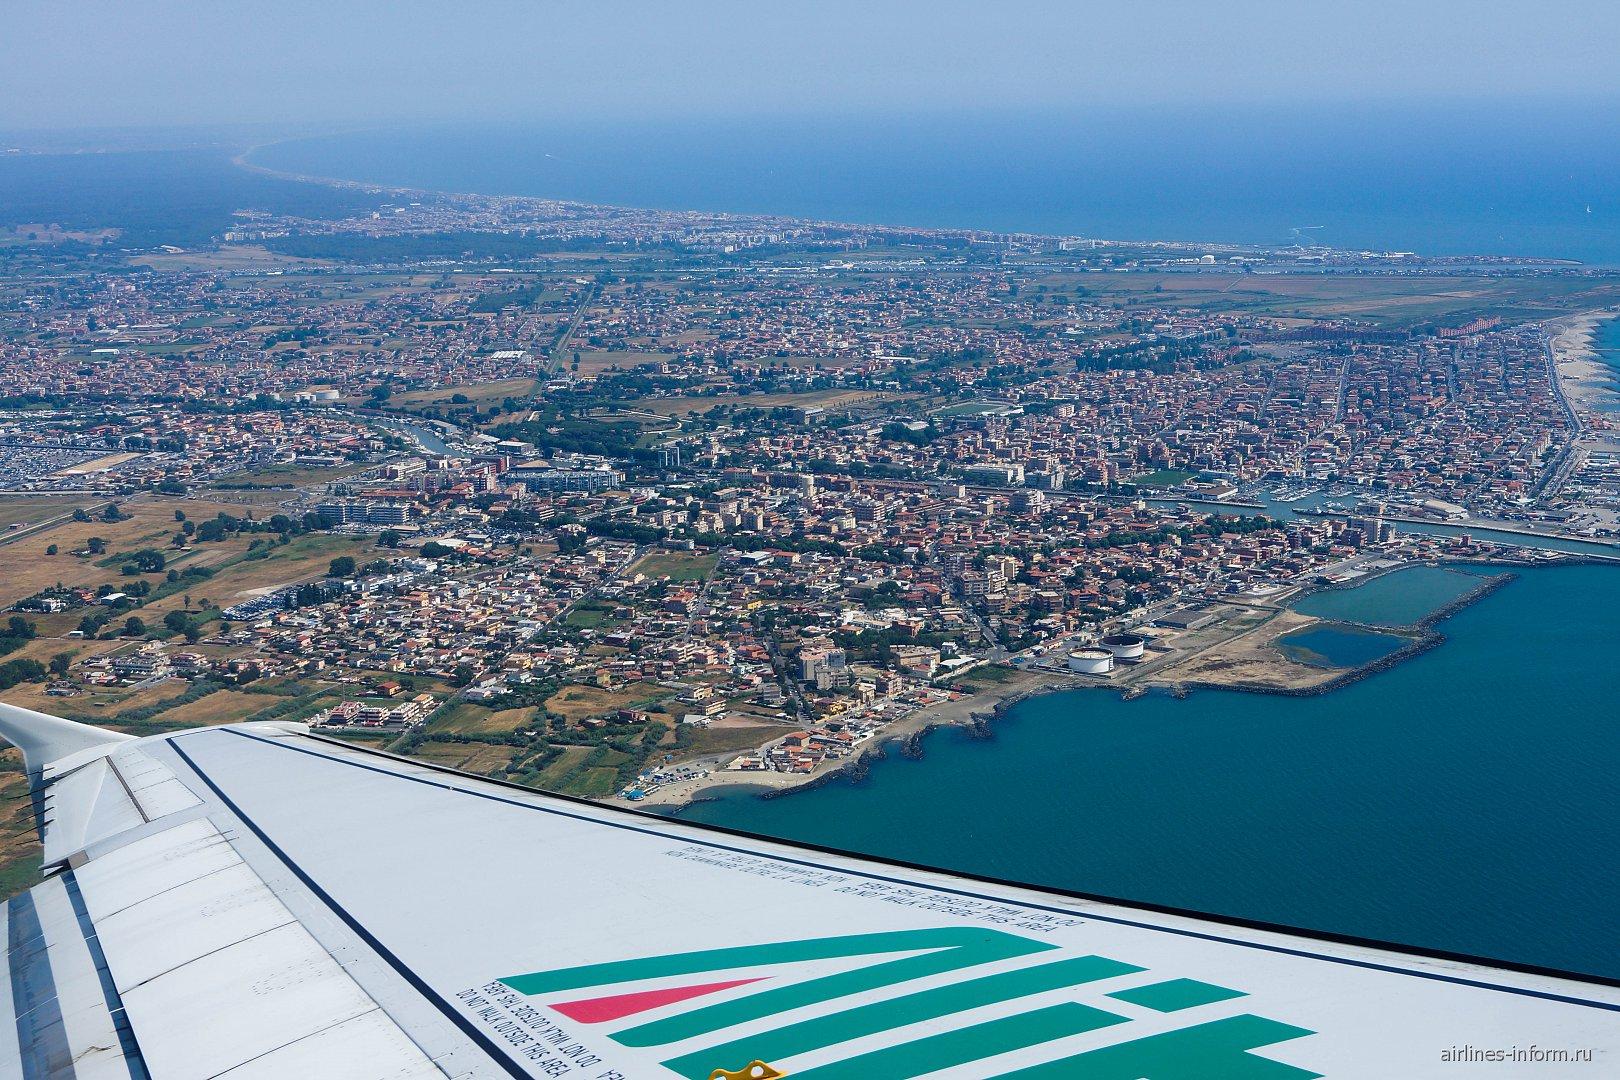 Городок Фьюмичино в Италии рядом со столичным аэропортом